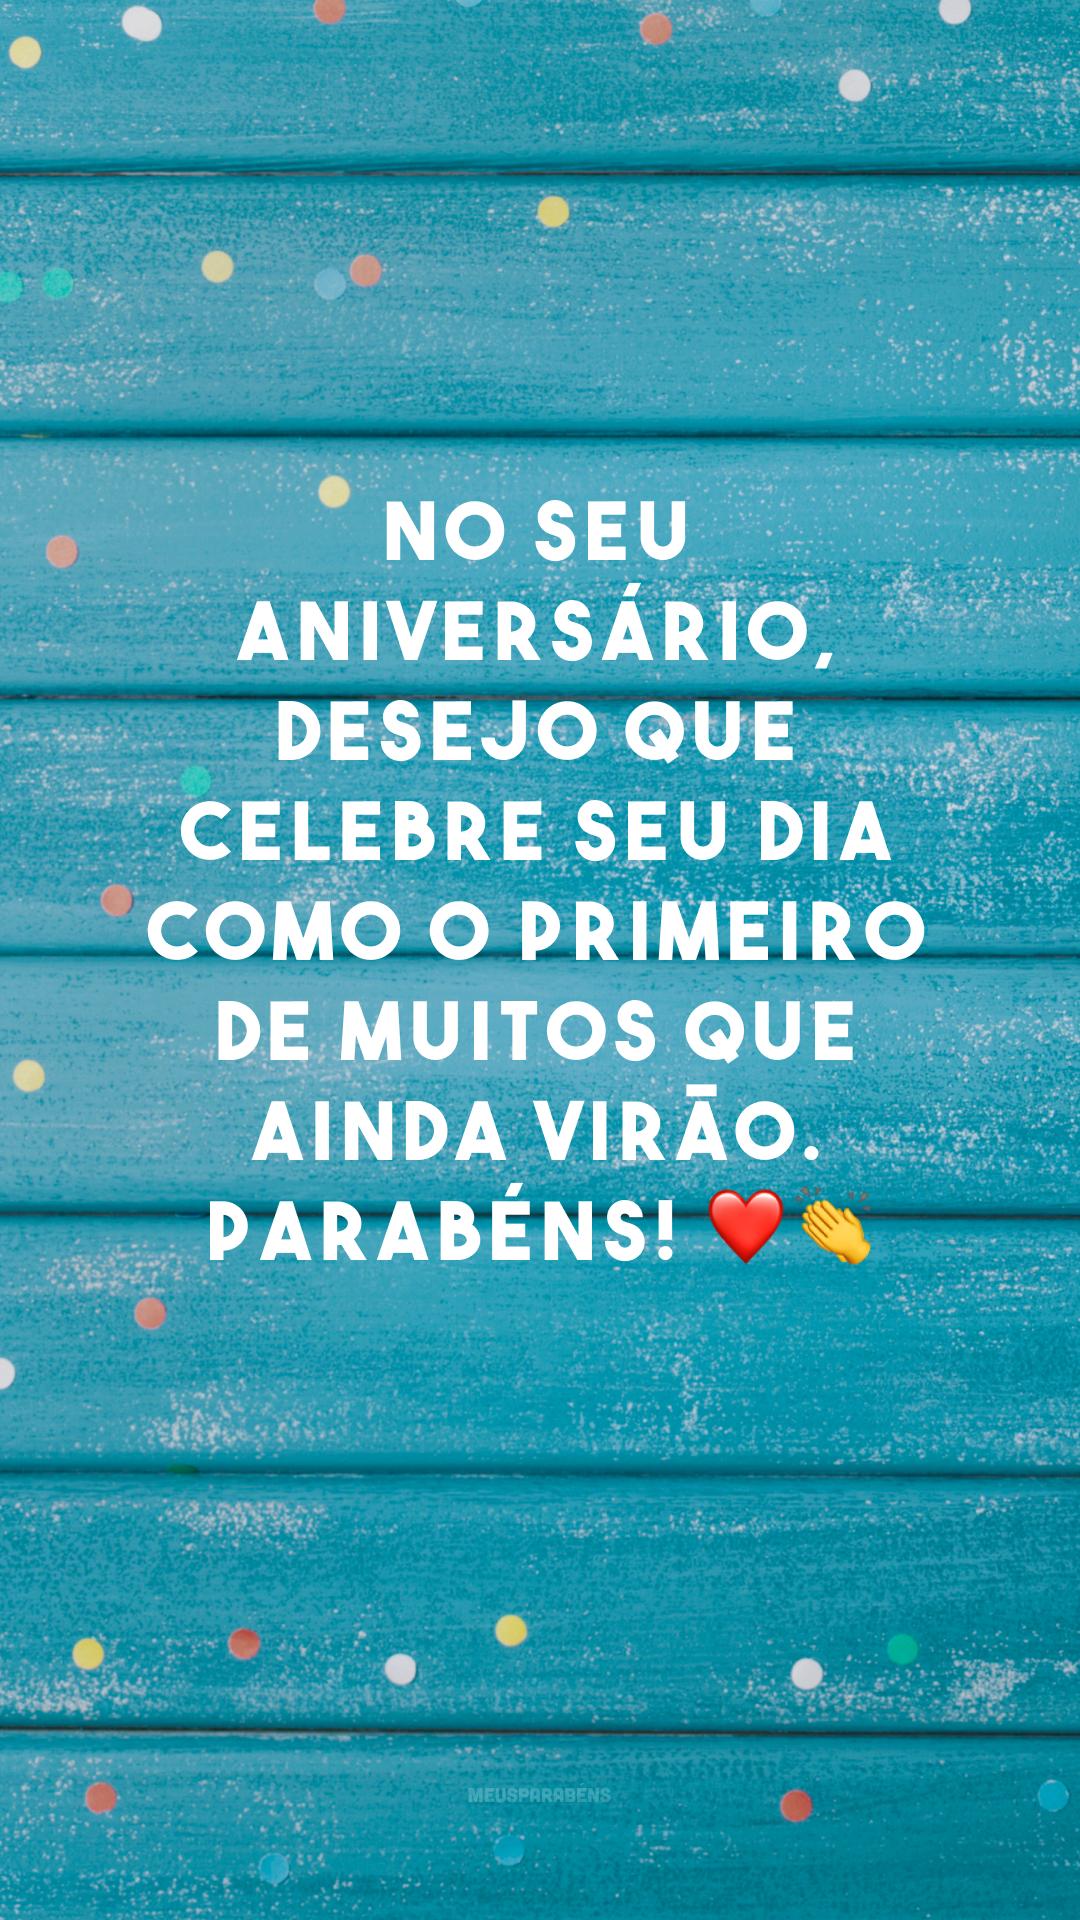 No seu aniversário, desejo que celebre seu dia como o primeiro de muitos que ainda virão. Parabéns! ❤👏